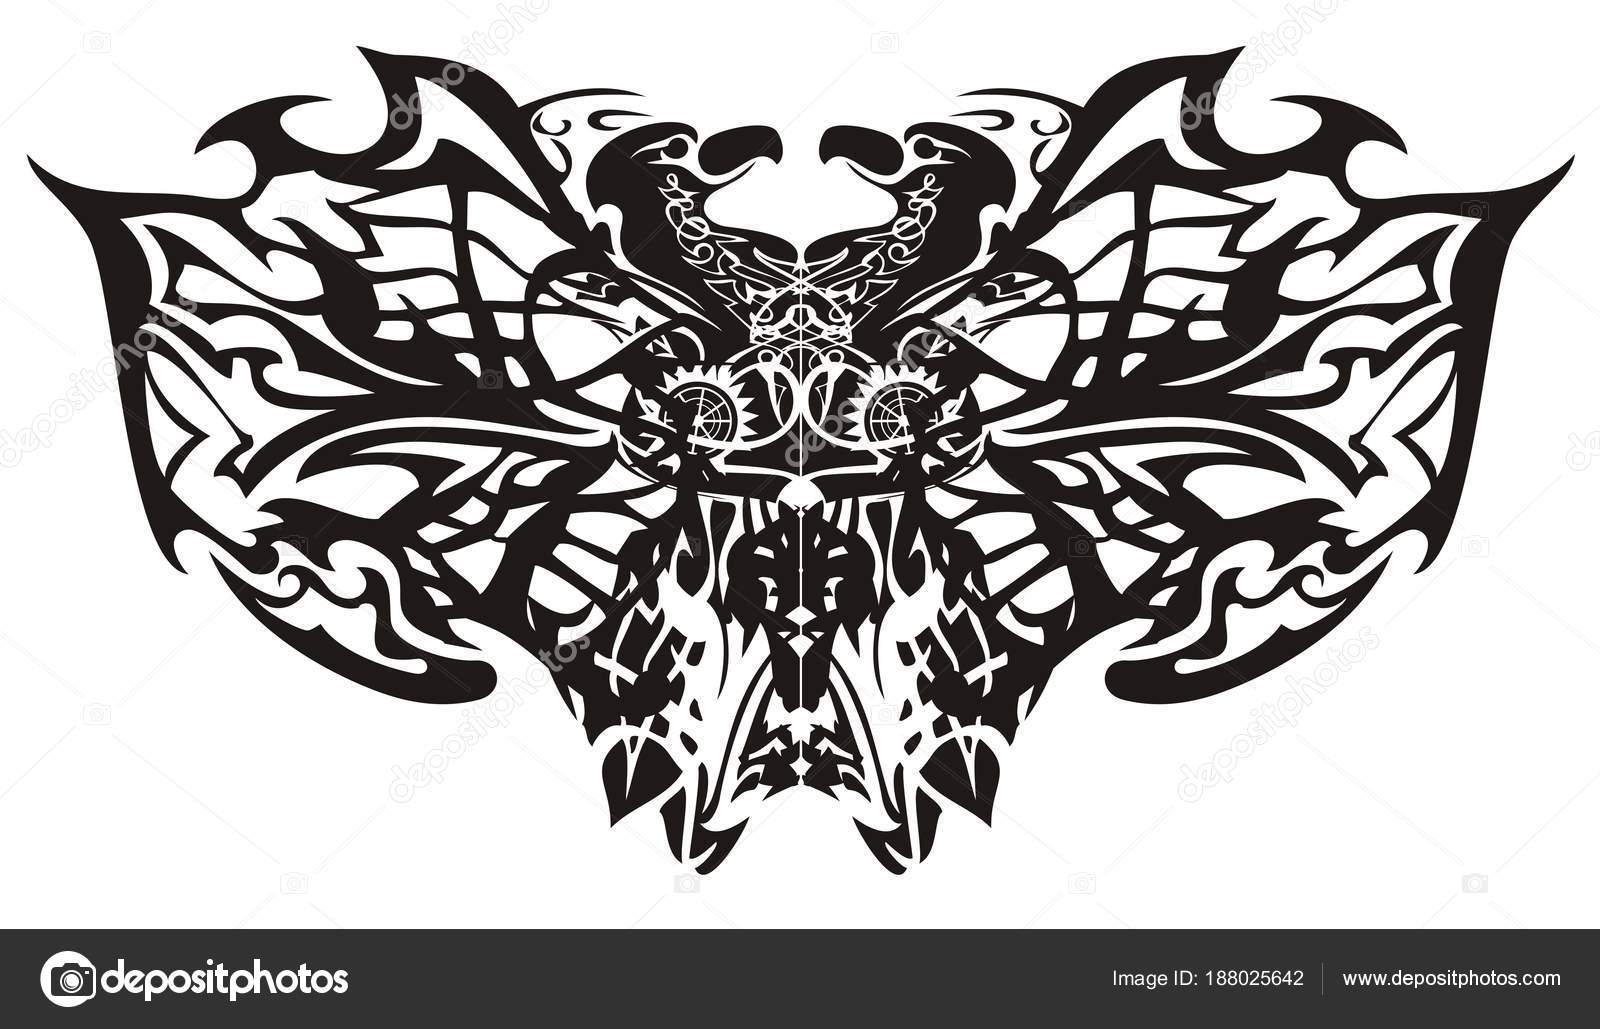 Ali Farfalla Tribale Fantastico Stilizzato Creativa Etnica Farfalla